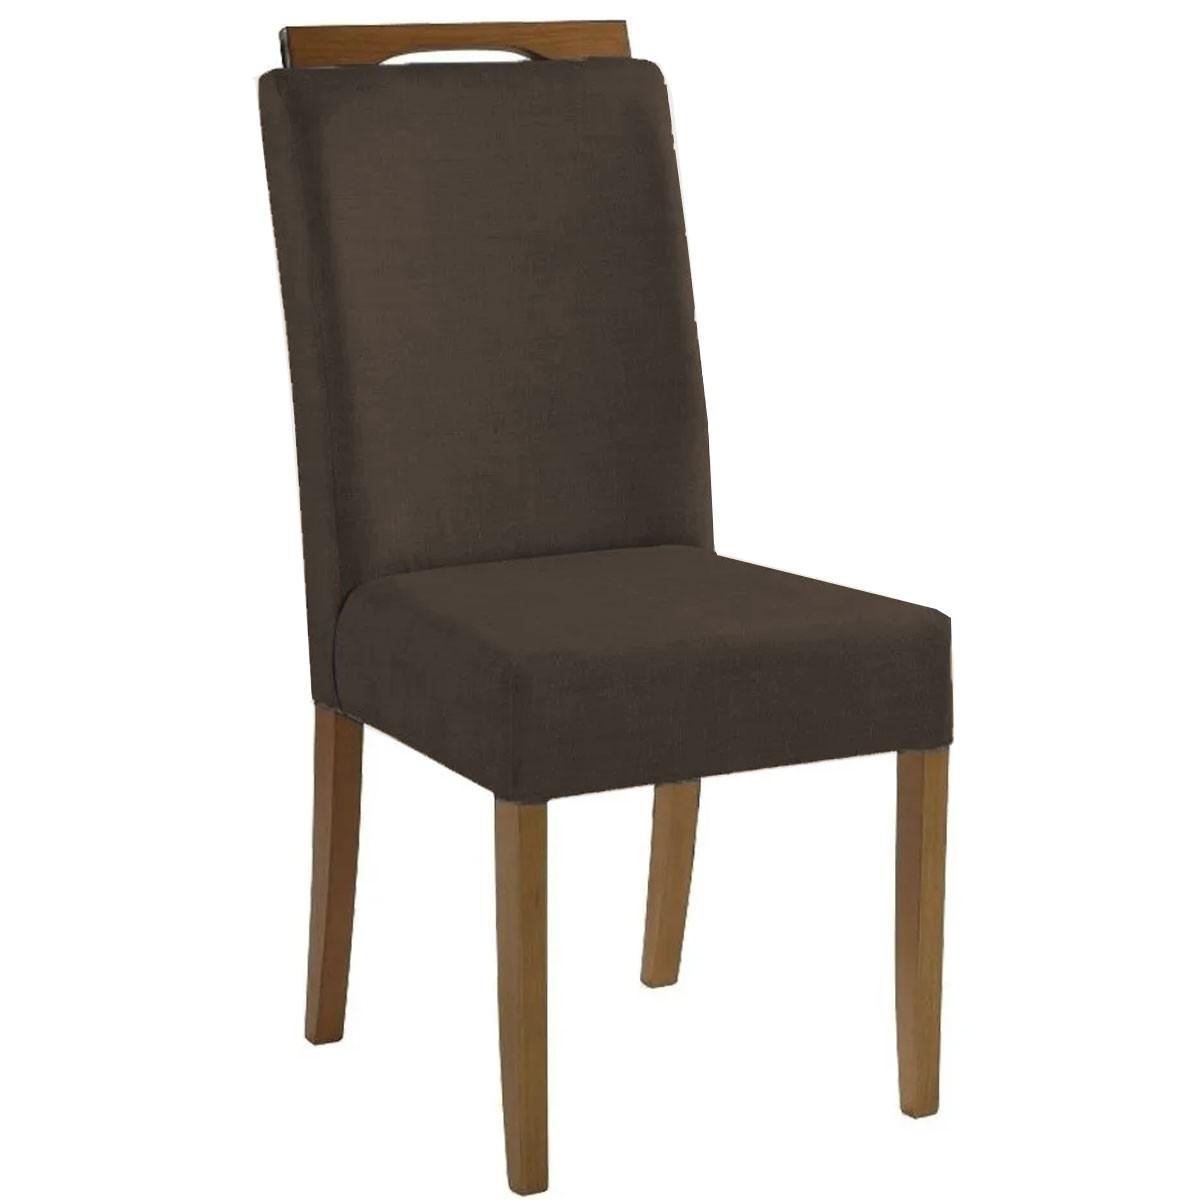 Kit 4 Cadeiras Estofadas Fabiana 100% Madeira Suede Marrom